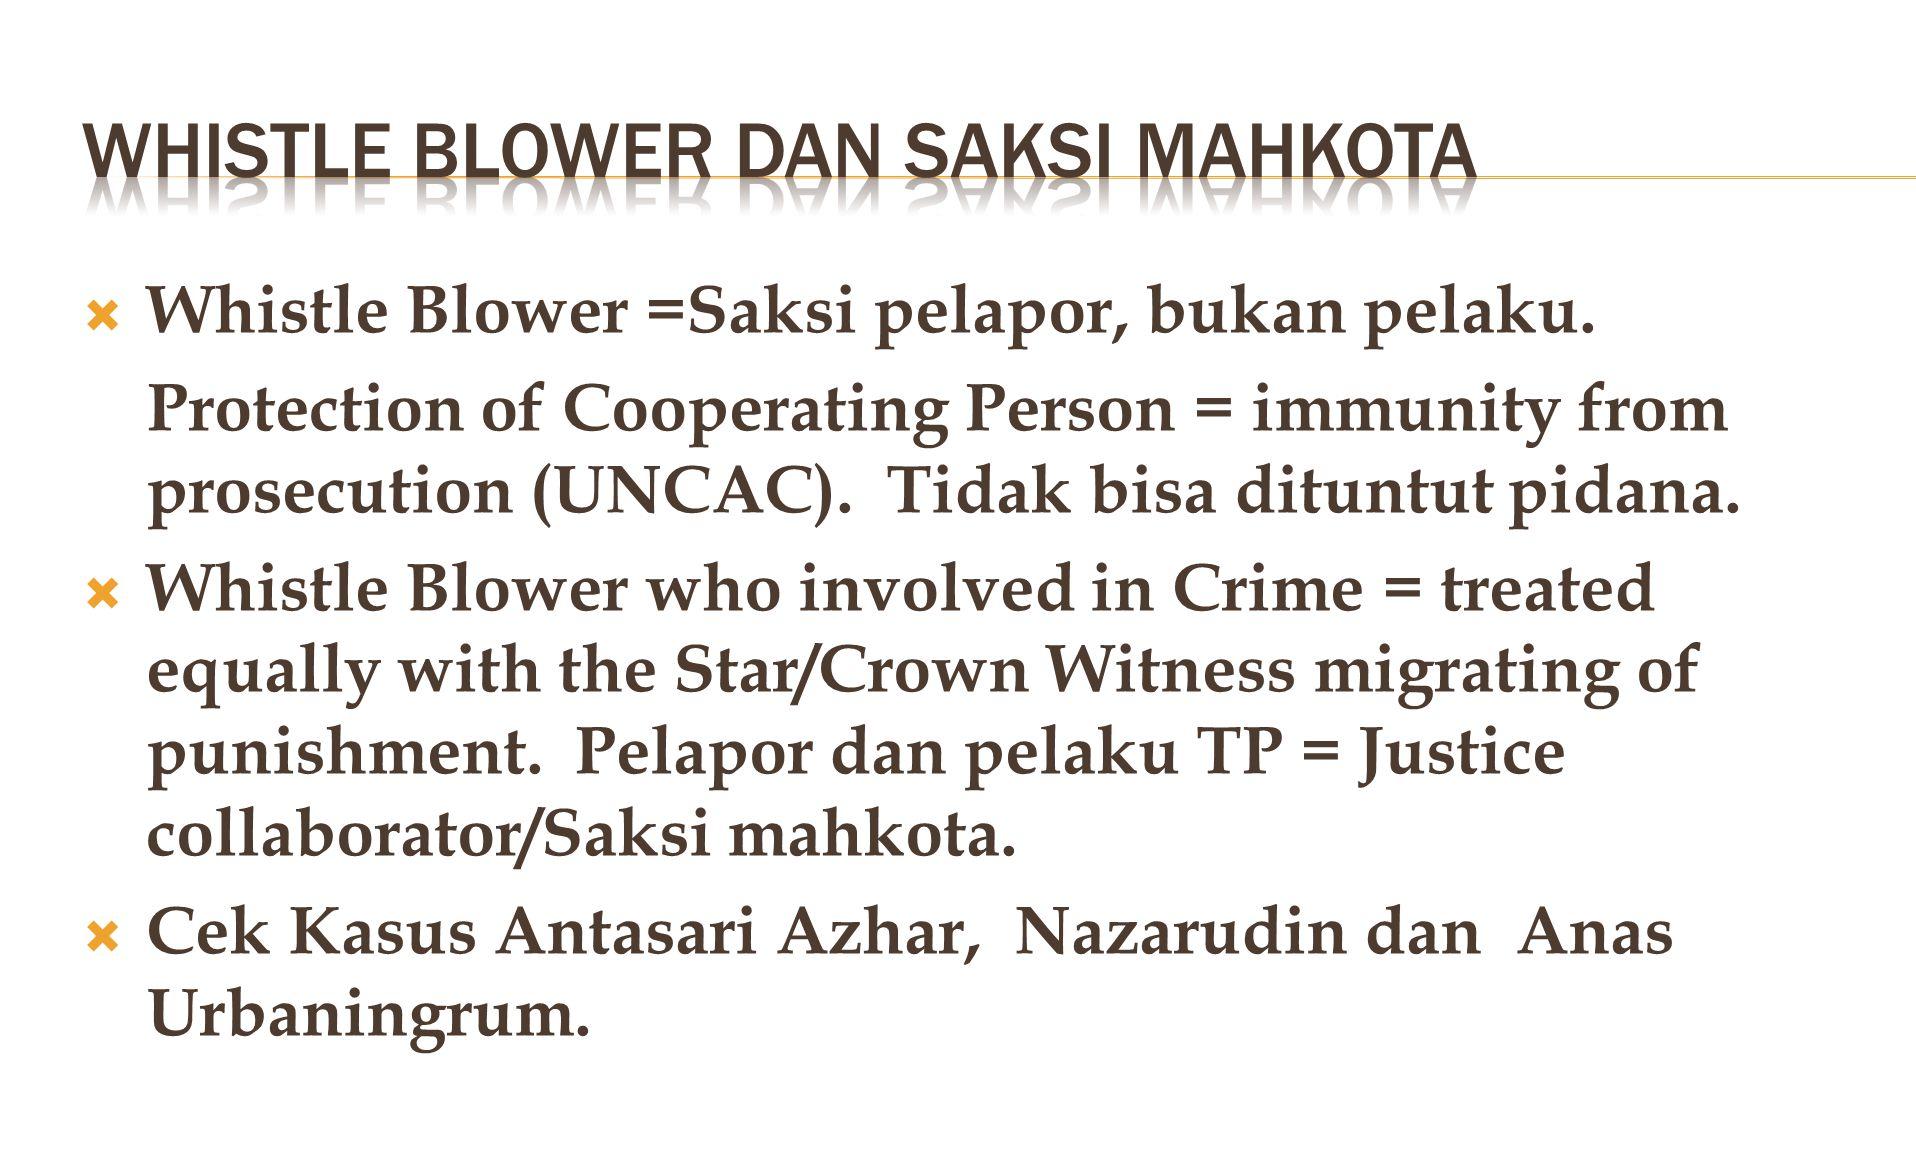 Whistle blower DAN SAKSI MAHKOTA